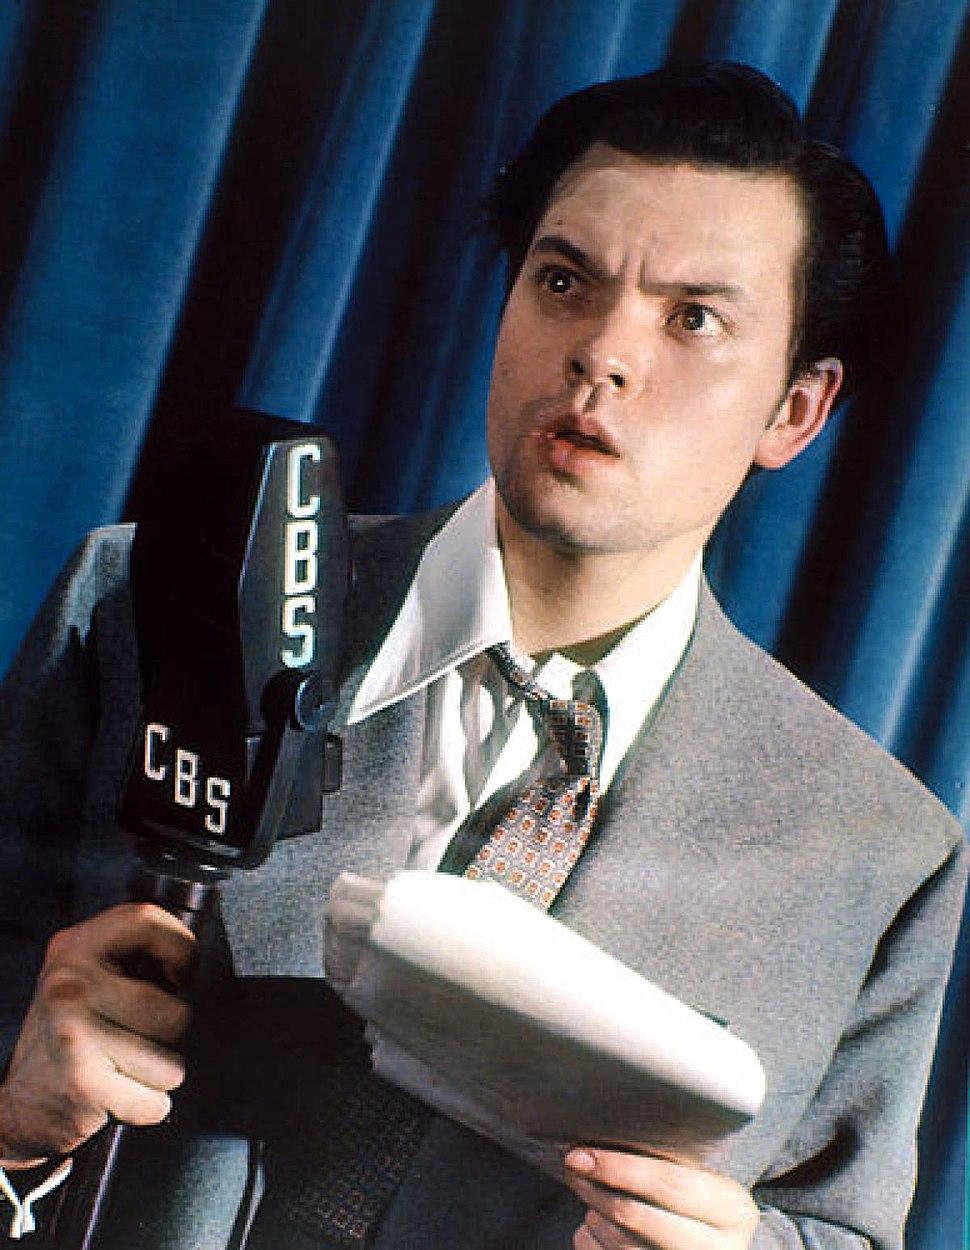 Orson-Welles-CBS-Radio-Studio-1938